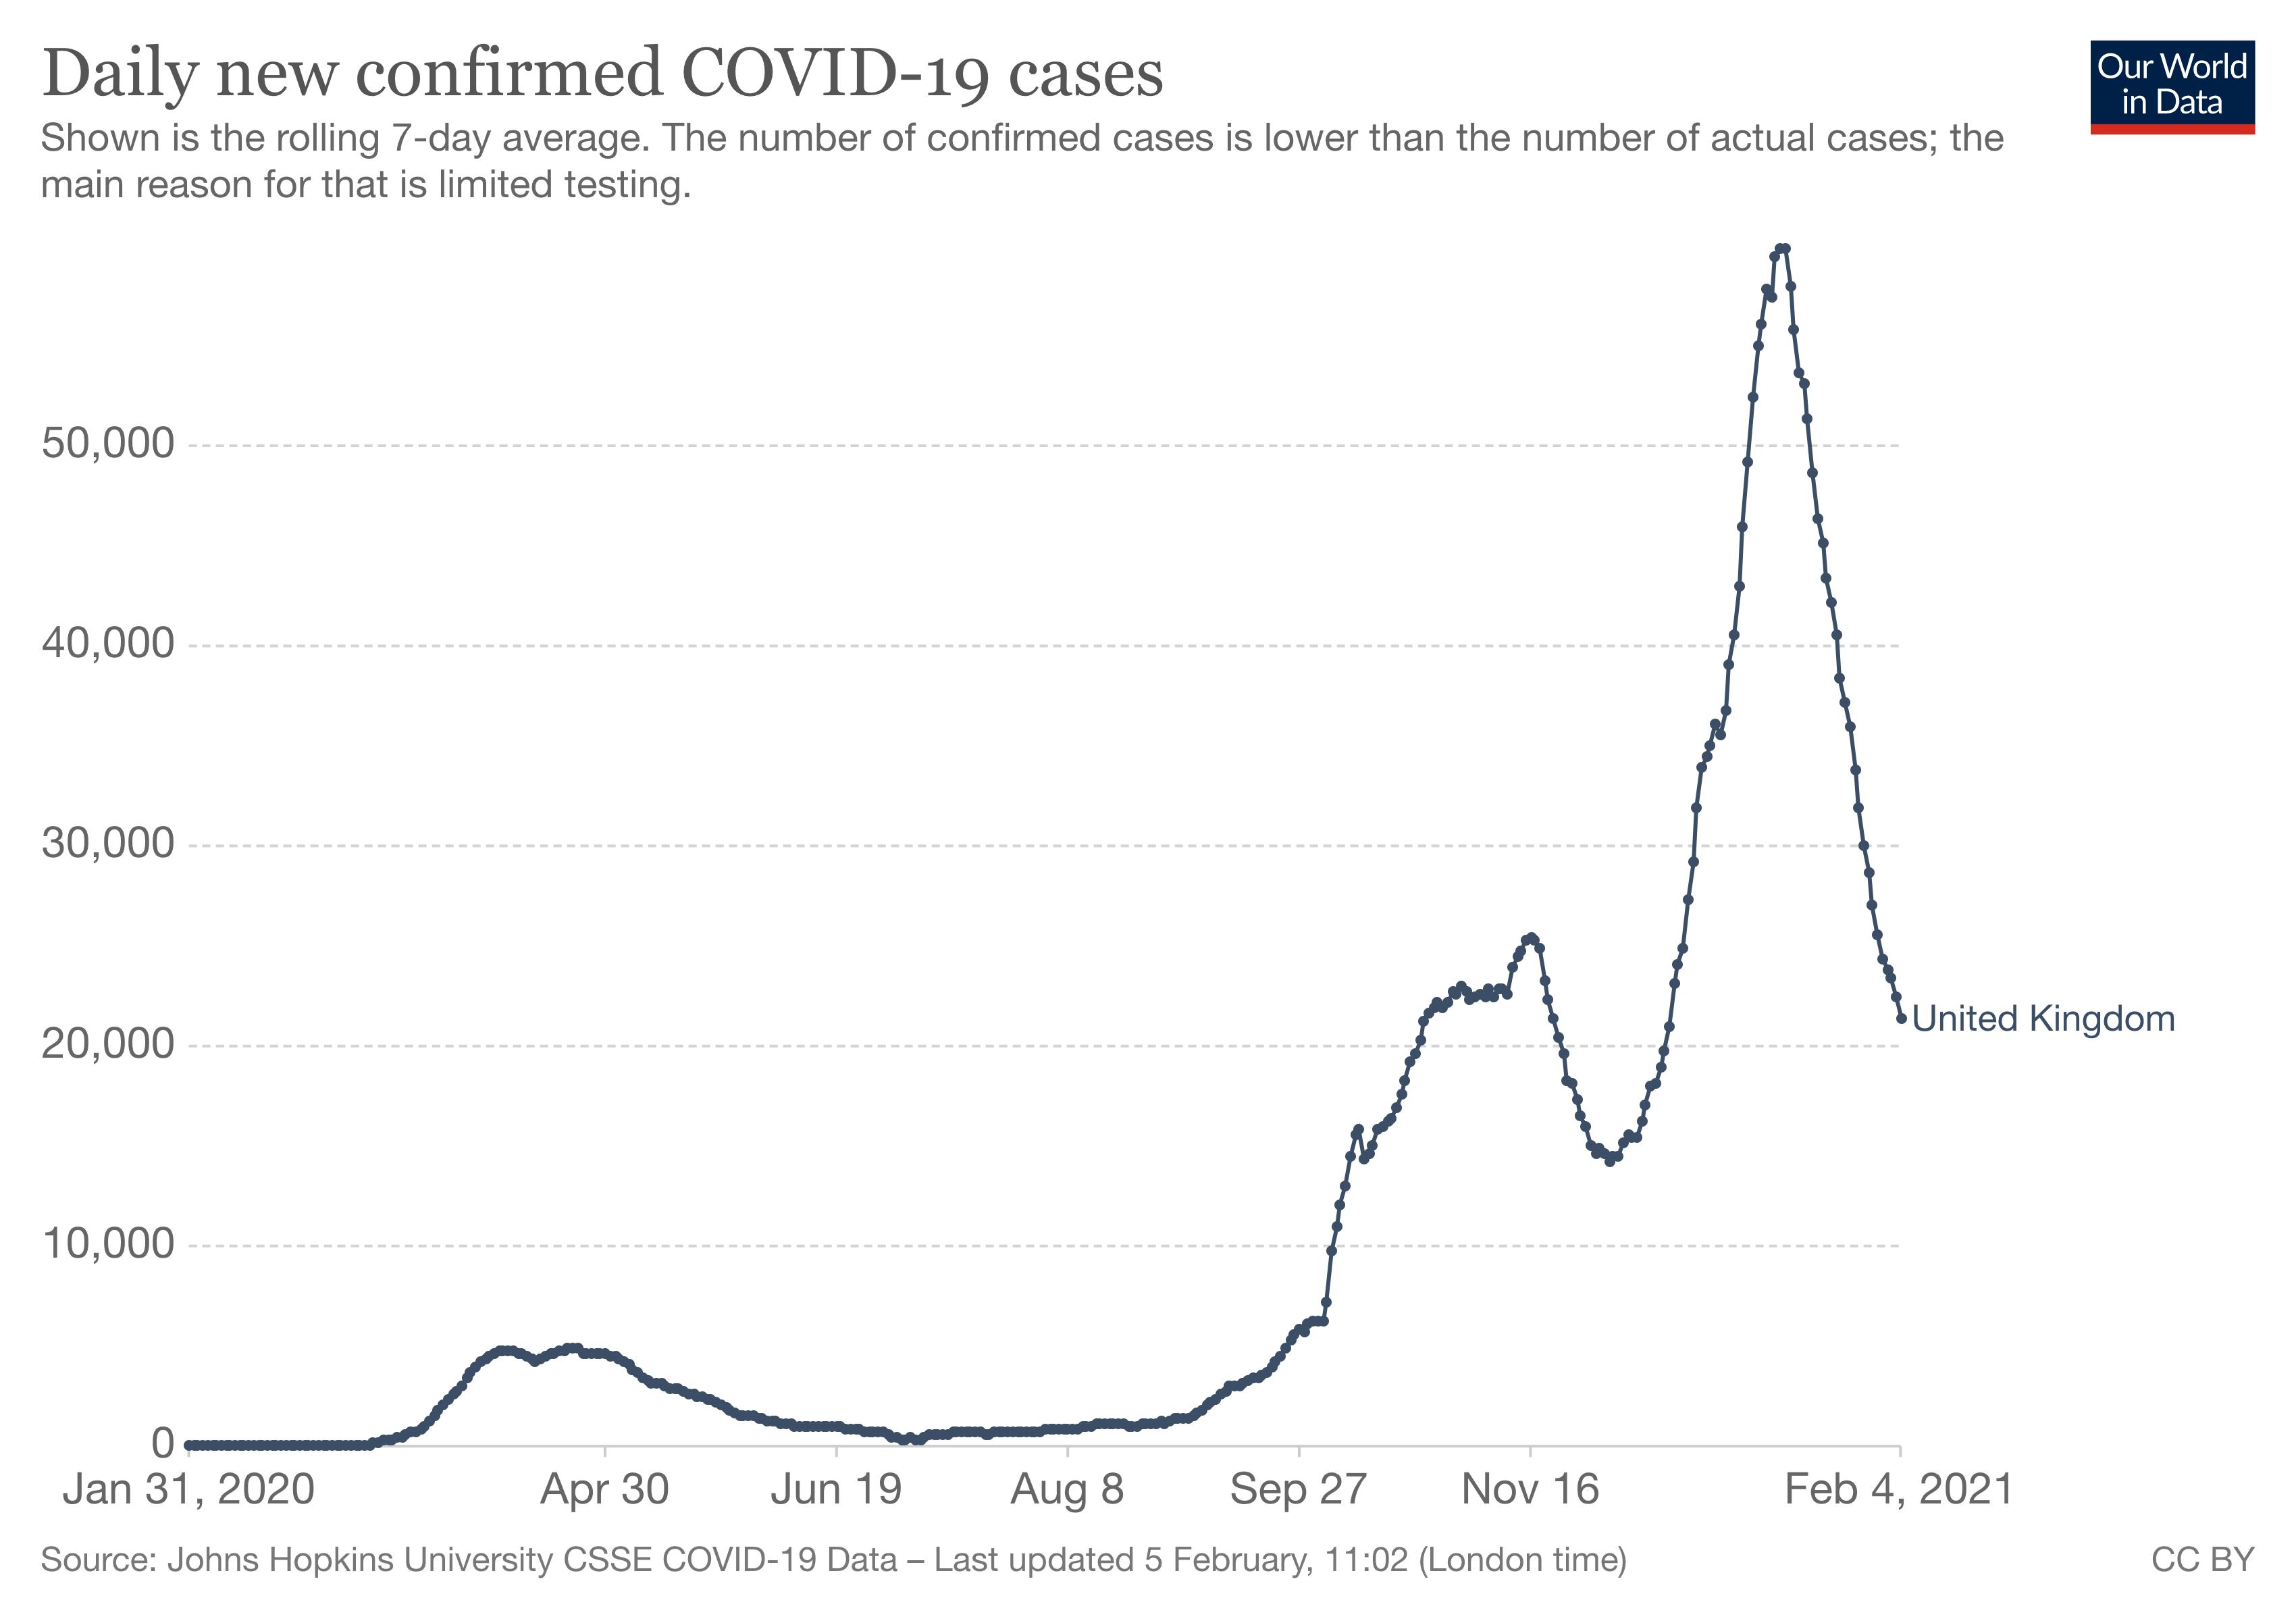 wykryte zakażenia koronawirusem w Wielkiej Brytanii